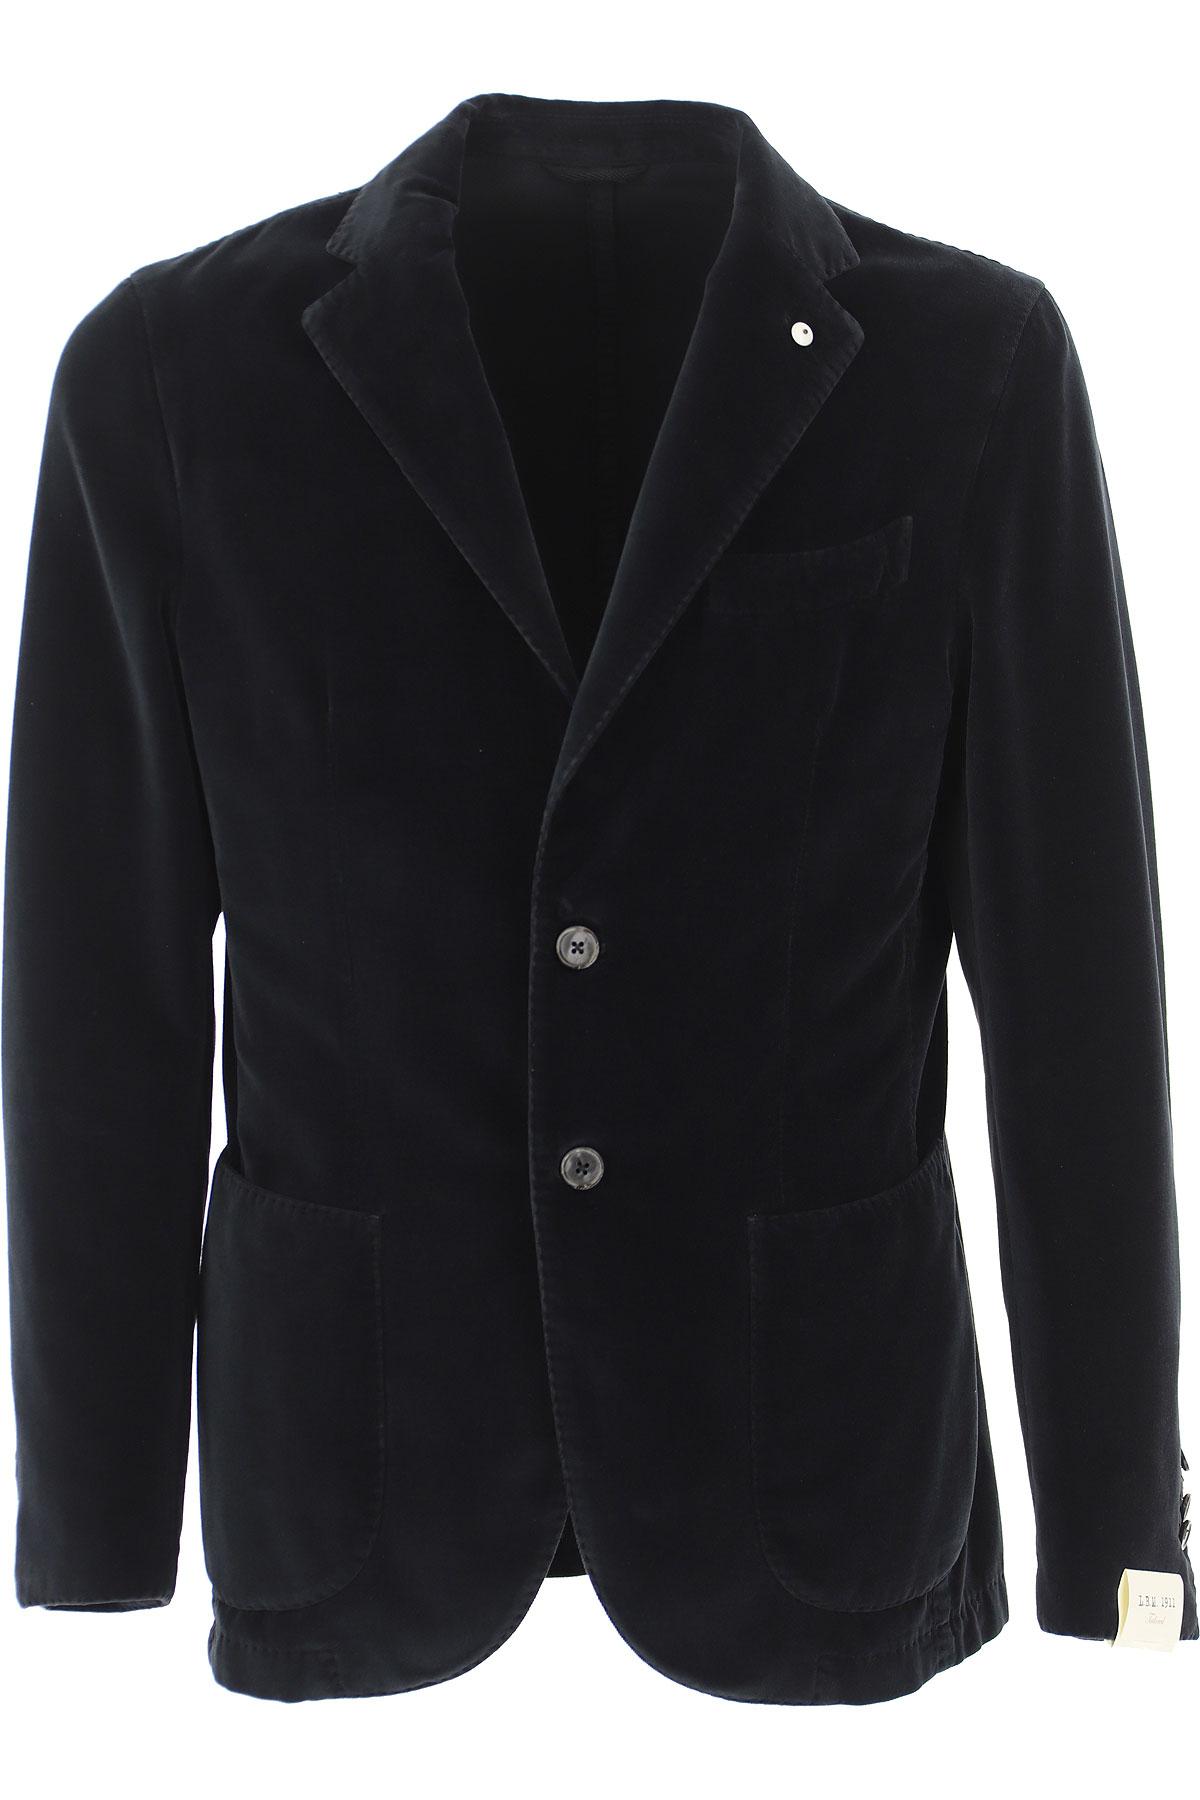 L.B.M. 1911 Blazer for Men, Sport Coat On Sale, navy, Cotton, 2019, L M XXXL